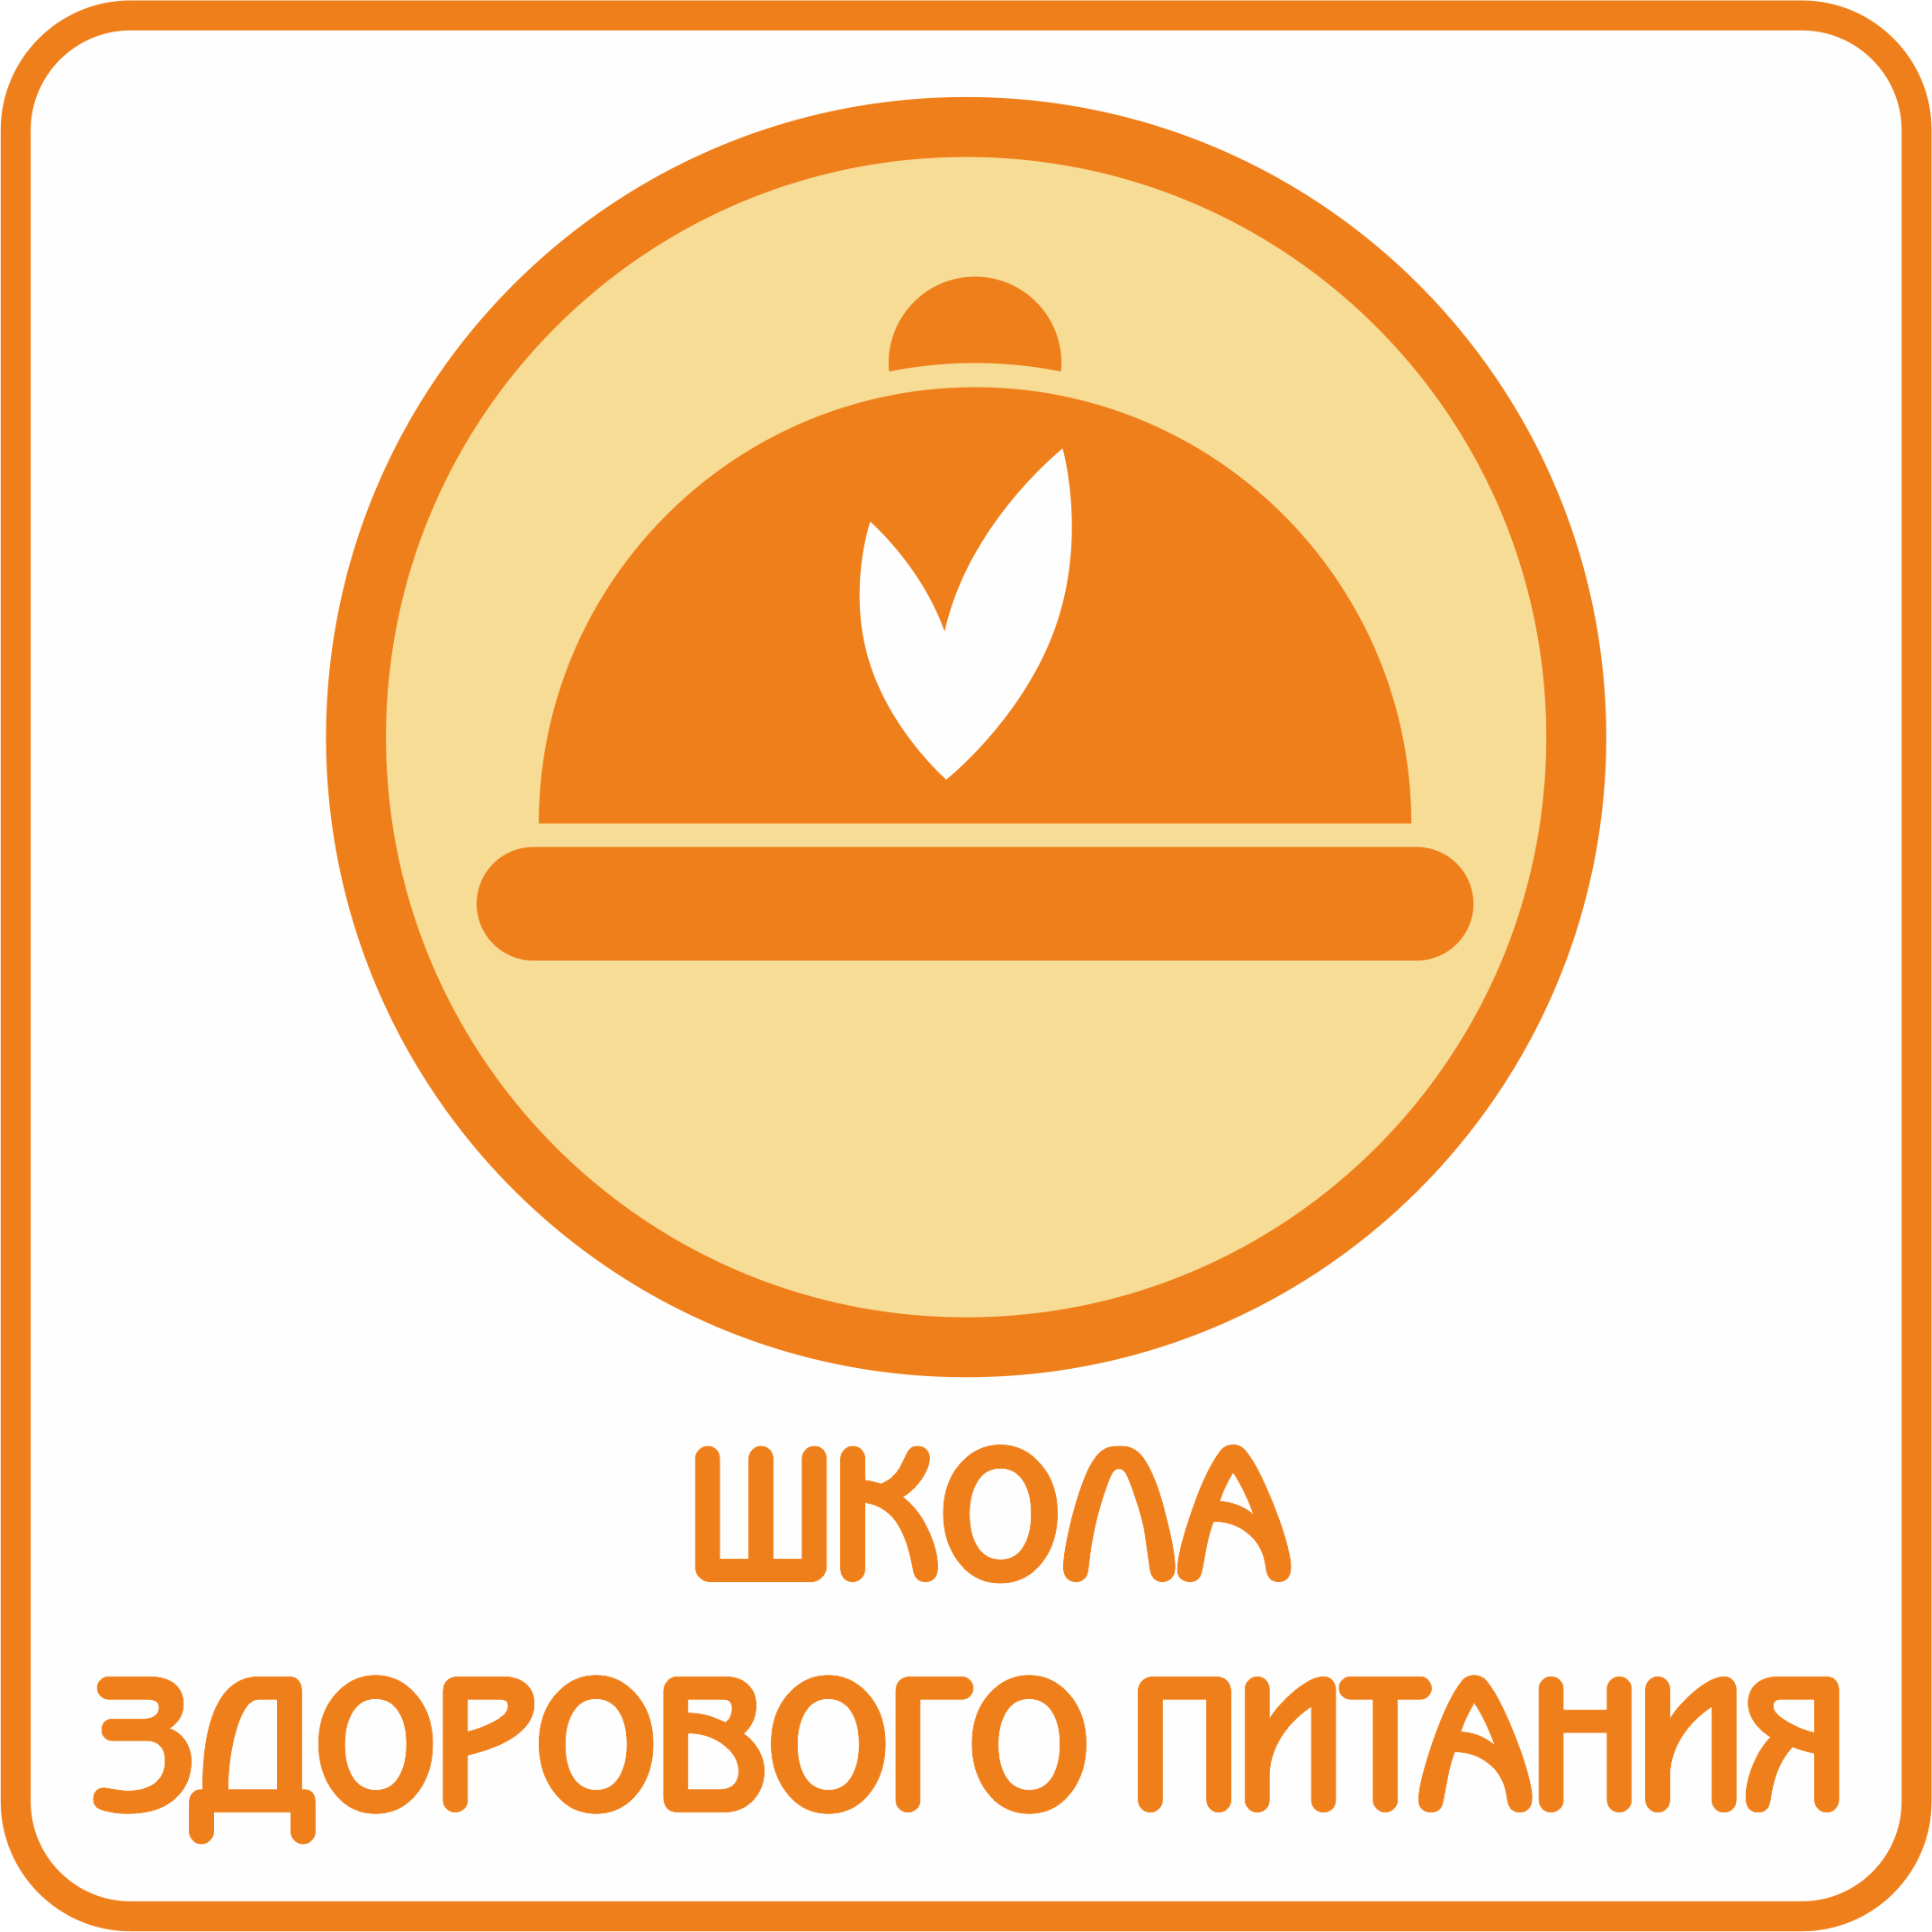 Shkola_zdorovogo_pitania (1)